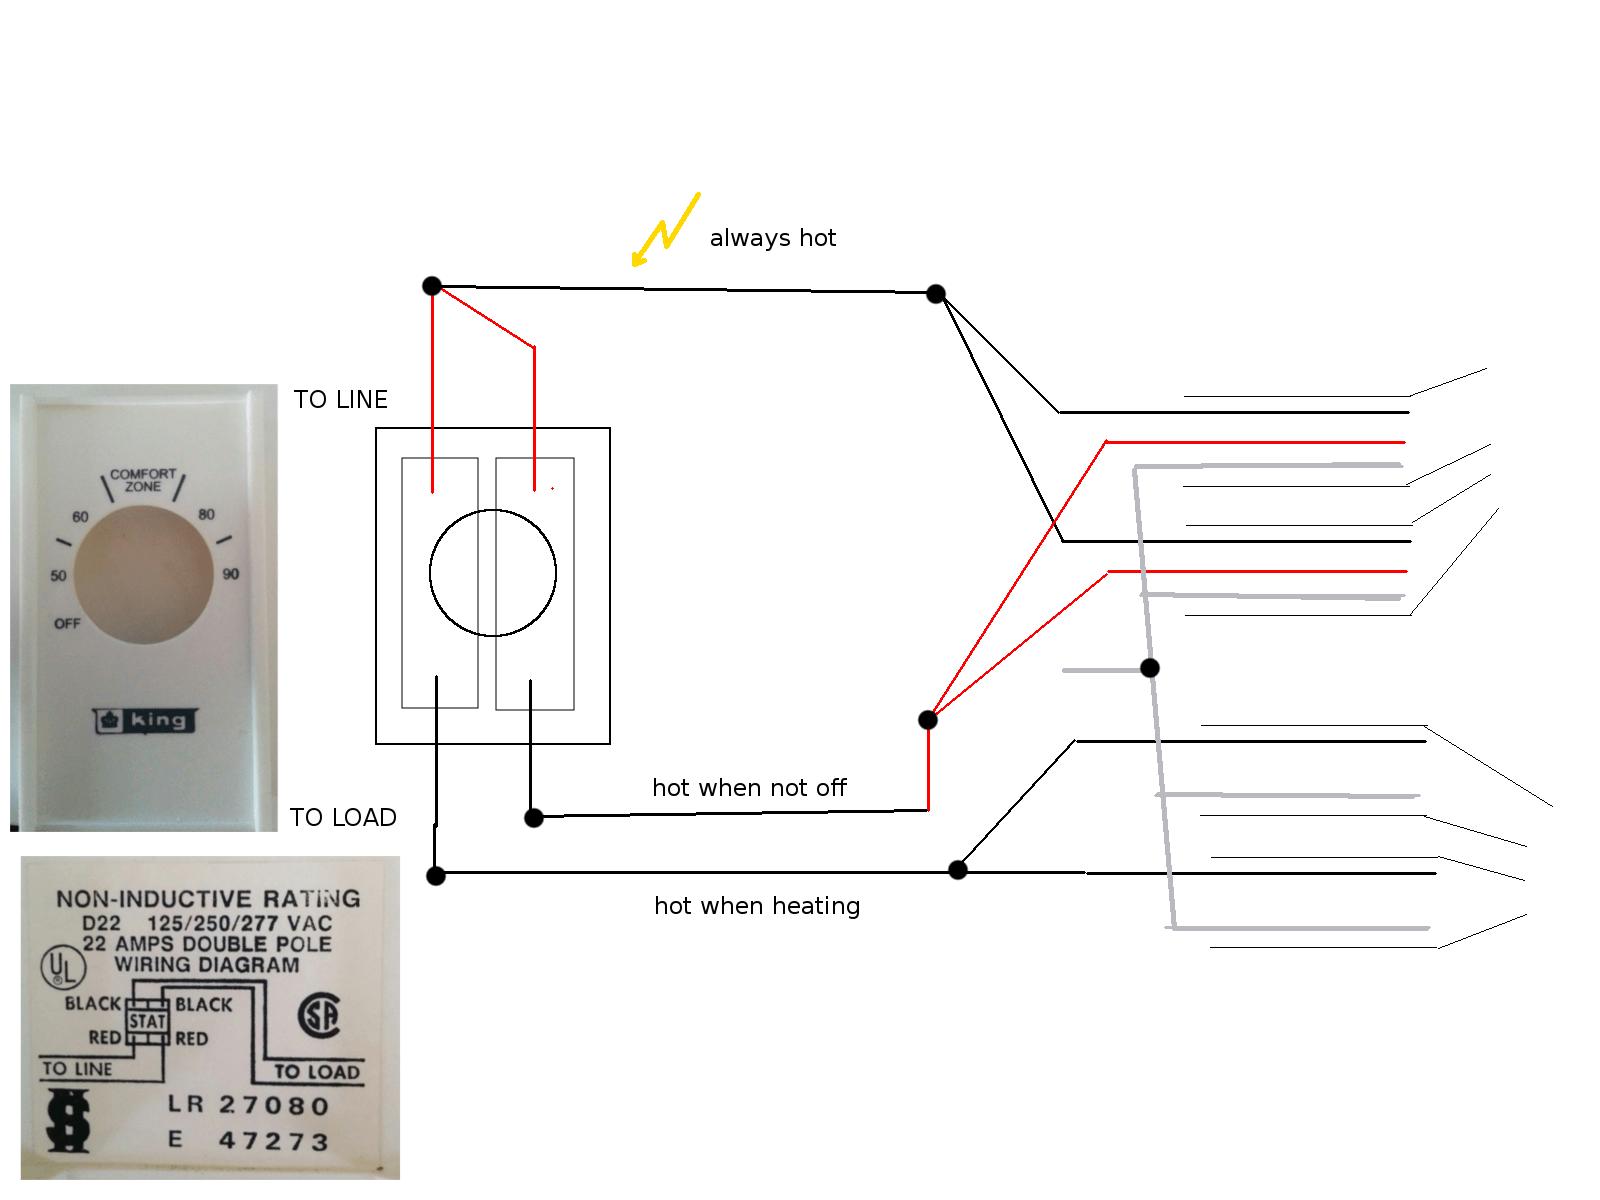 Electric Garage Heater Wiring Diagram On Wiring 240v Garage Heater